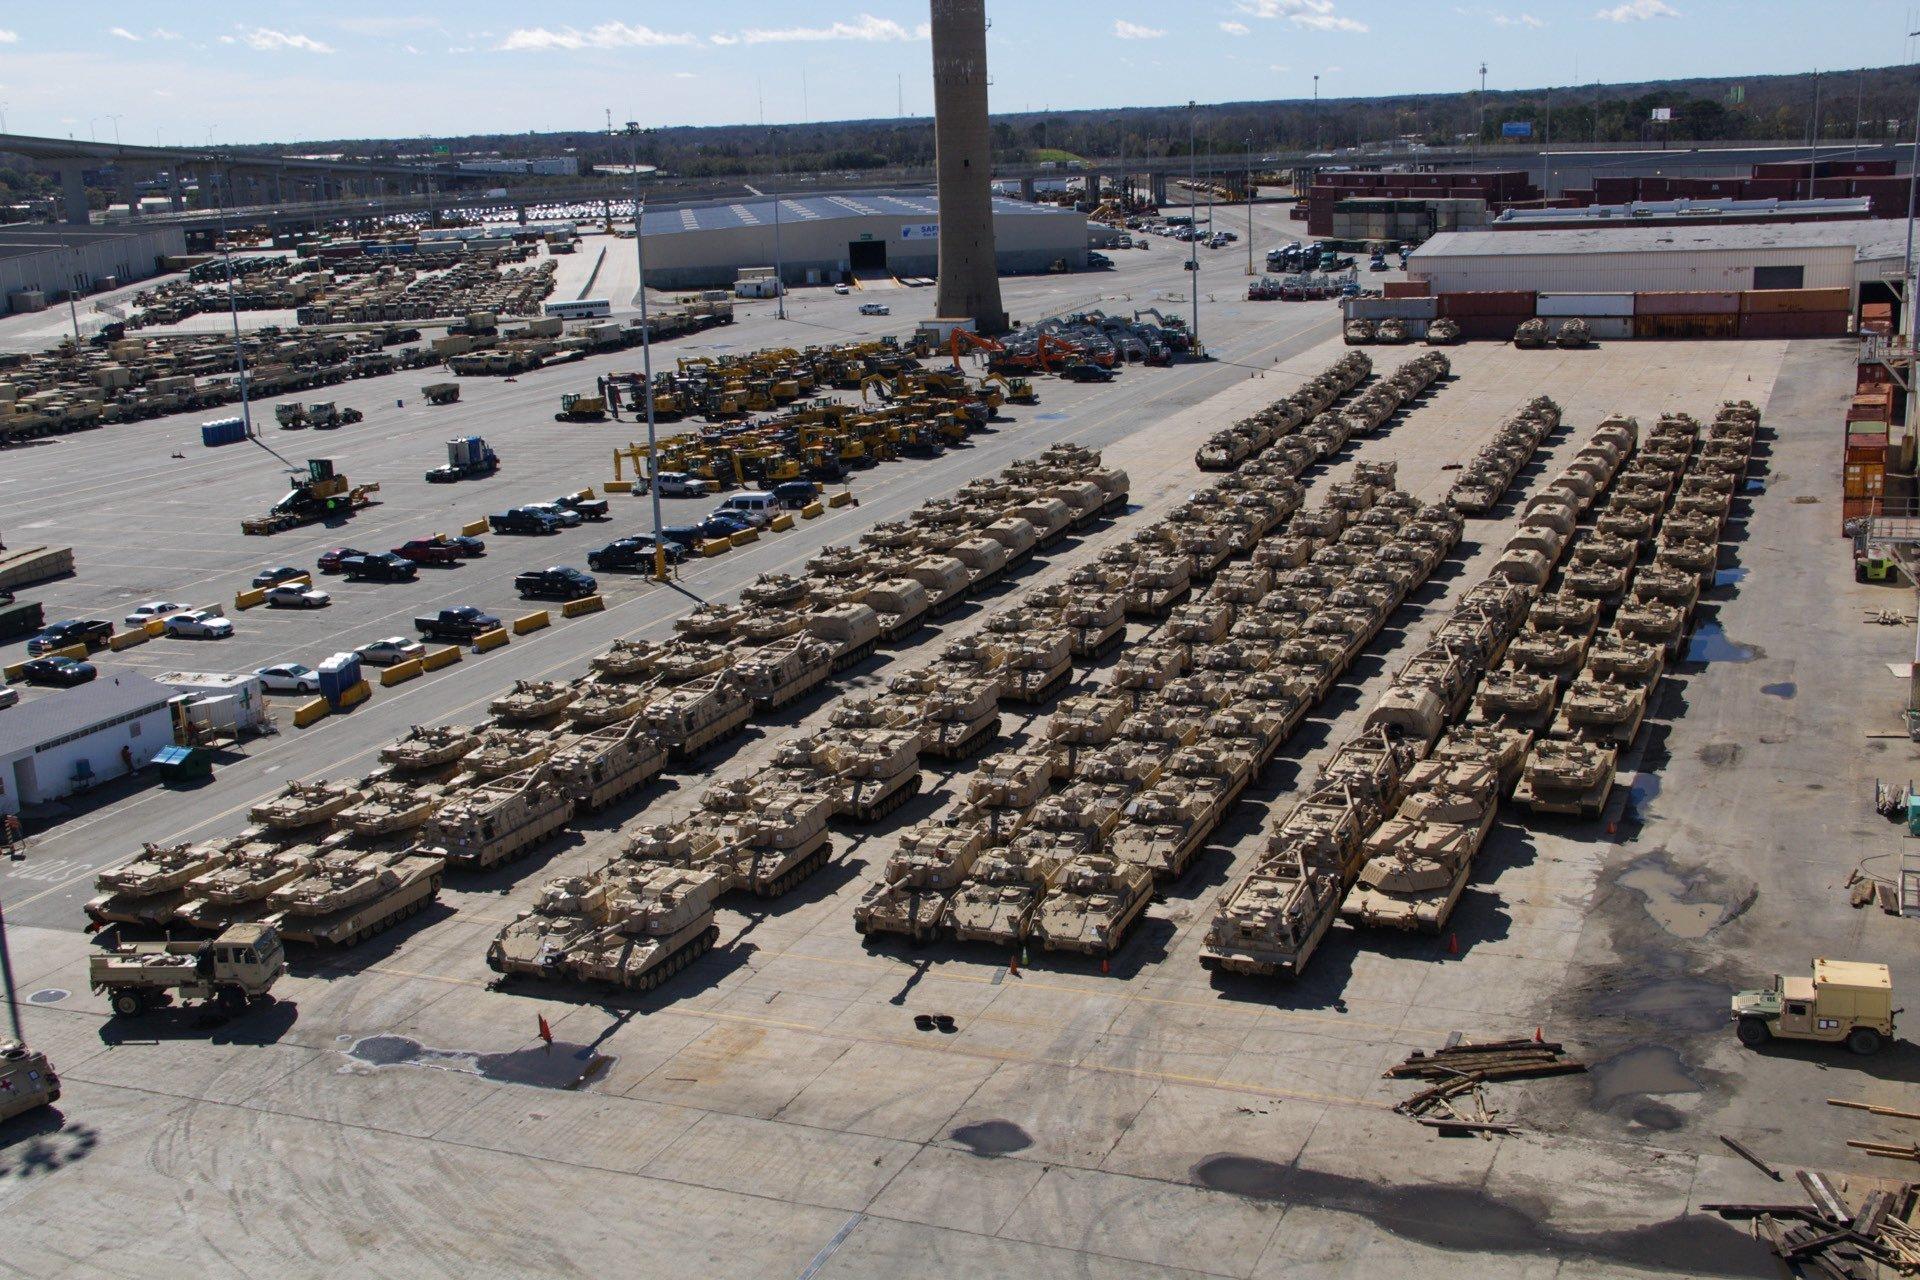 Amerykańskie pojazdy opancerzone czekają na załadunek w porcie w drodze na ćwiczenia Defender-Europe 20